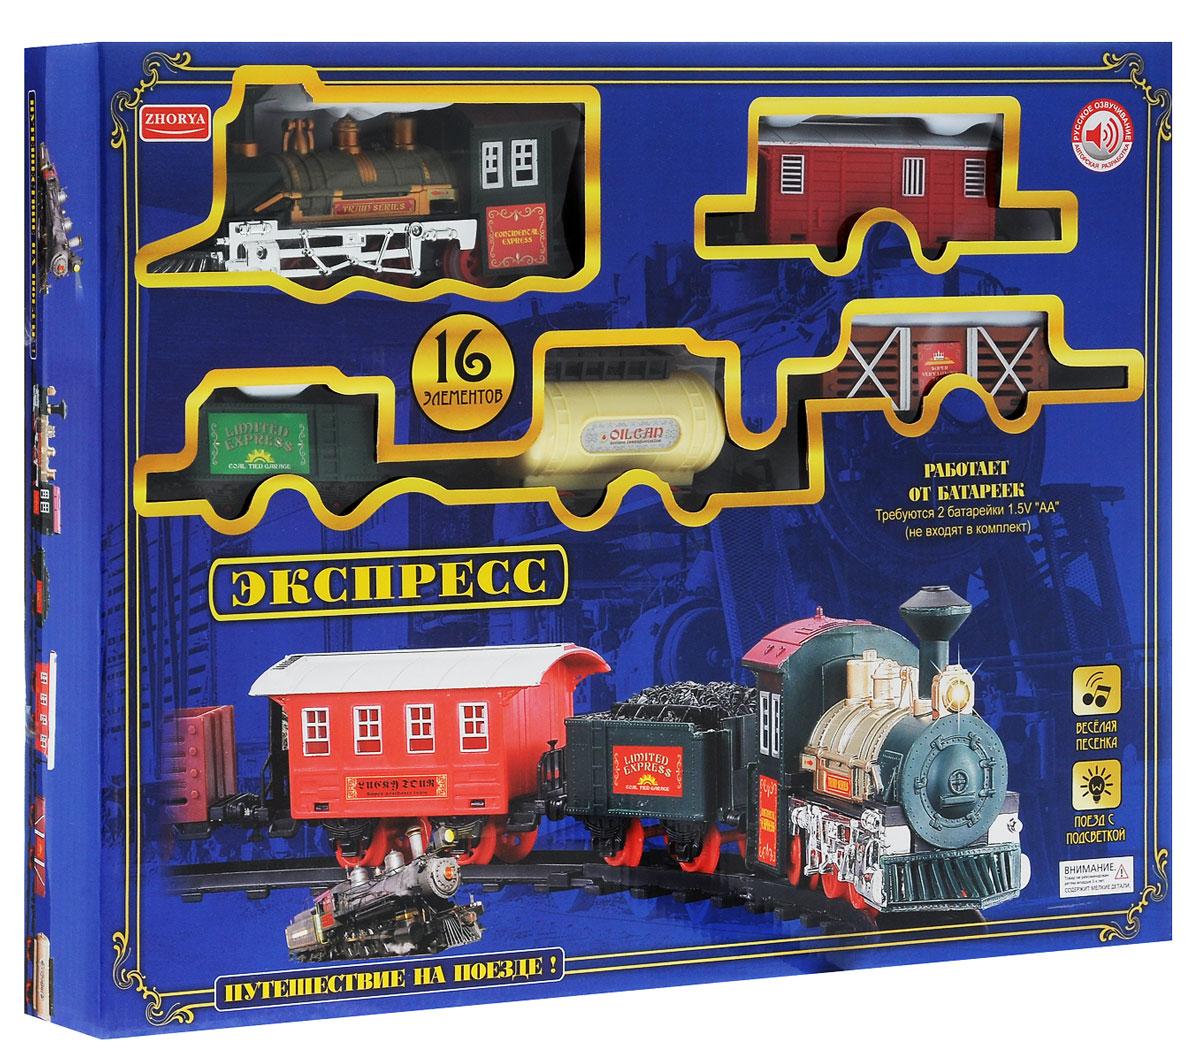 Zhorya Железная дорога Экспресс Train SeriesZY042900Игровой набор Железная дорога Экспресс. Train Series привлечет внимание ребенка и не позволит ему скучать. В комплекте: 1 локомотив, 4 вагона, детали для сборки железной дороги. У поезда реалистичные звуки, светящийся прожектор, движение вперед-назад, четкая детализация поезда. Железная дорога - это игрушка для настоящих мальчишек. Игрушечные железные дороги не только развлечение для детей - в них с удовольствием будут играть и взрослые. Они являются своего рода не просто игрушкой, а заветной мечтой, которая легко может перерасти в хобби. Такие игры могут храниться годами и передаваться из поколения в поколение, преодолевая модные тенденции и терпя причуды времени. Набор позволит ребенку не только получать удовольствие от игры, но и развивать пространственное воображение, мелкую моторику рук и координацию движений. Порадуйте его таким замечательным подарком! Рекомендуется докупить 2 батареи мощностью 1,5V типа АА (не входят в комплект).